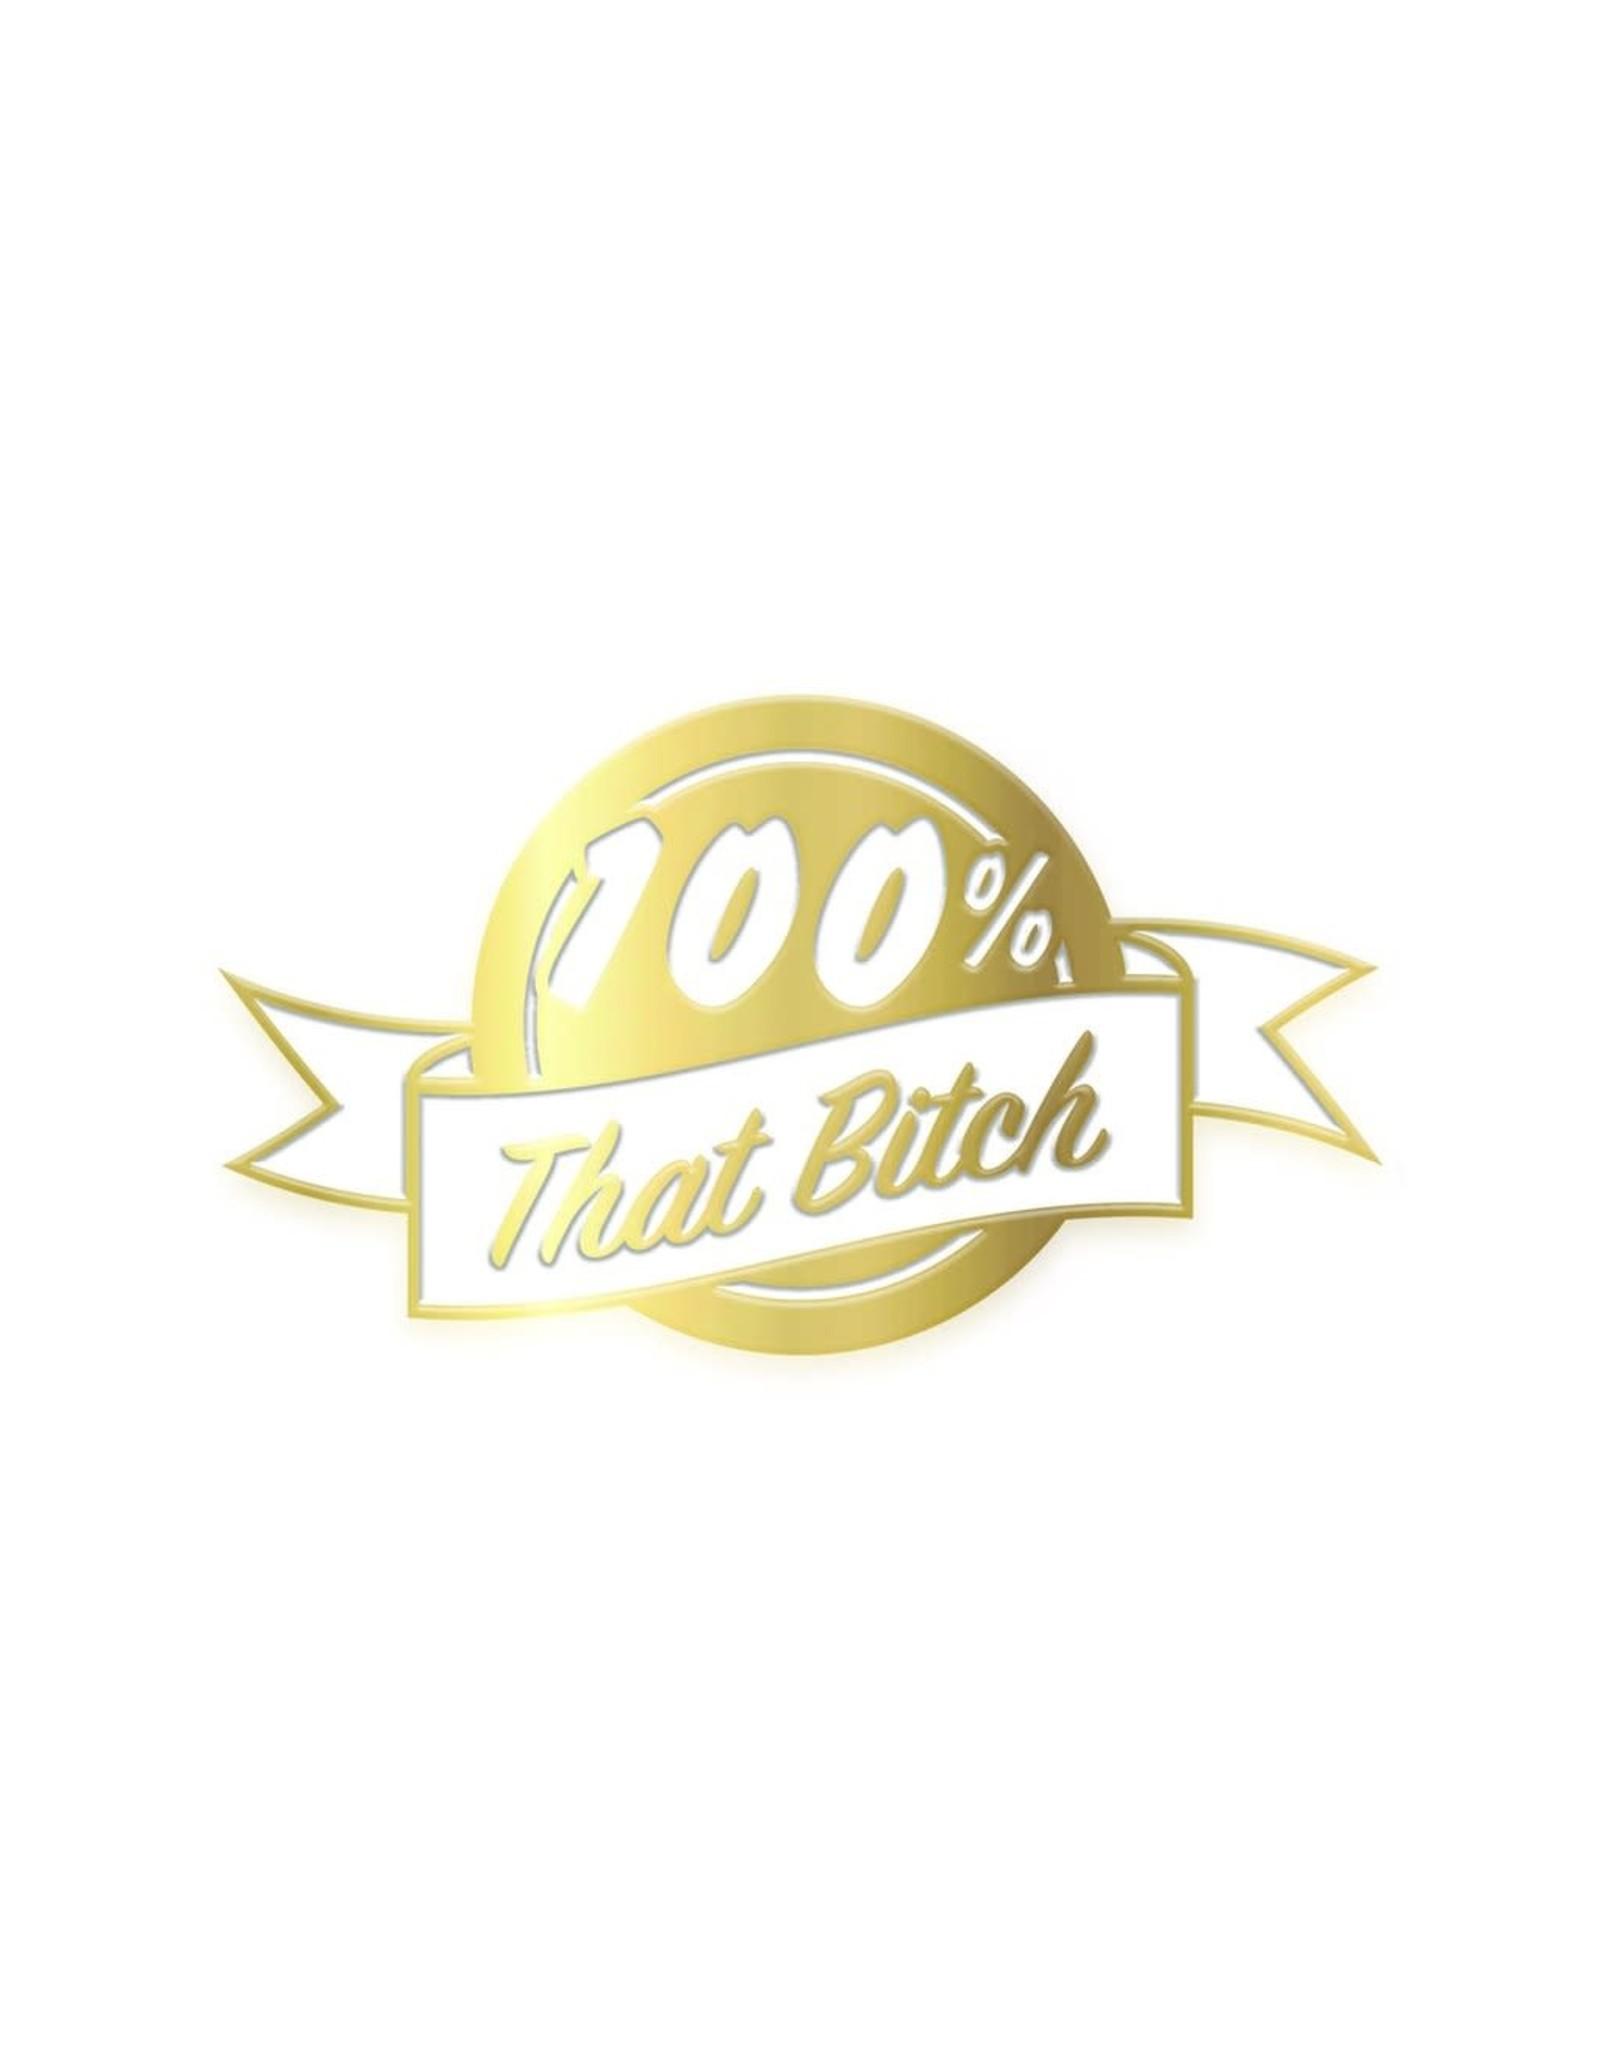 Enamel Pin 100% That Bitch Gold Enamel Pin